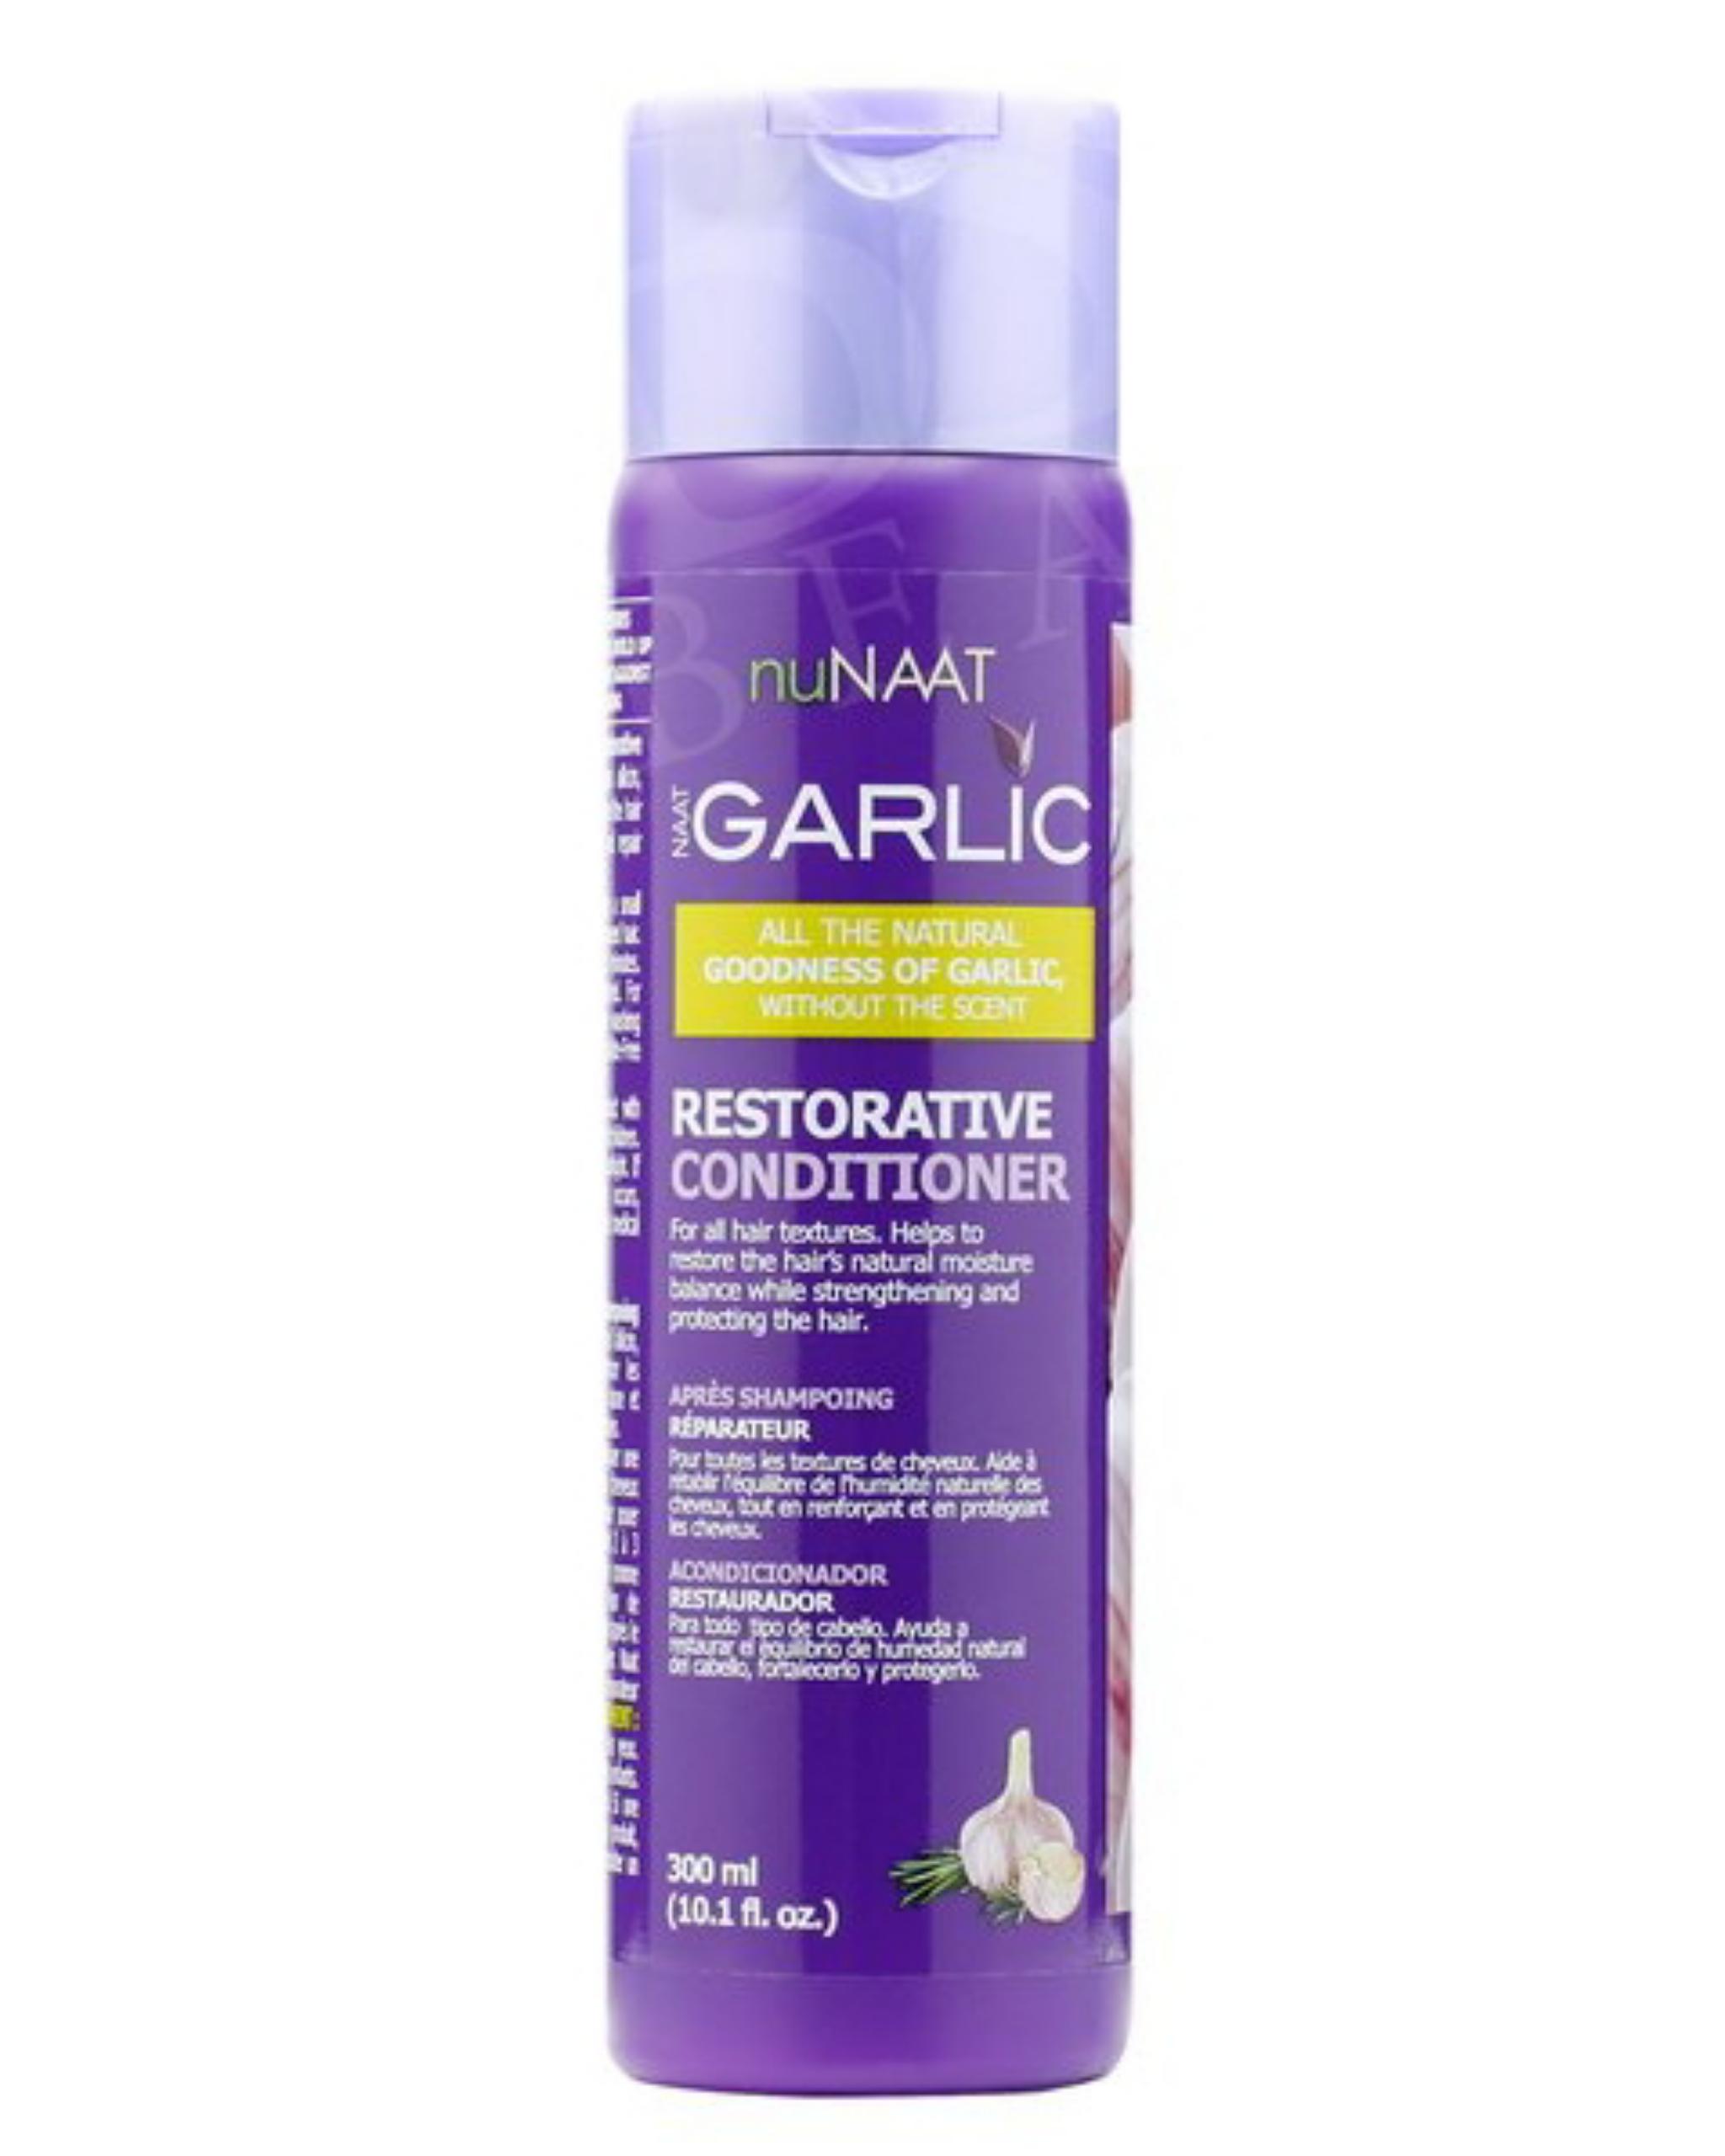 Nunaat Garlic Restorative Conditioner 10.1oz